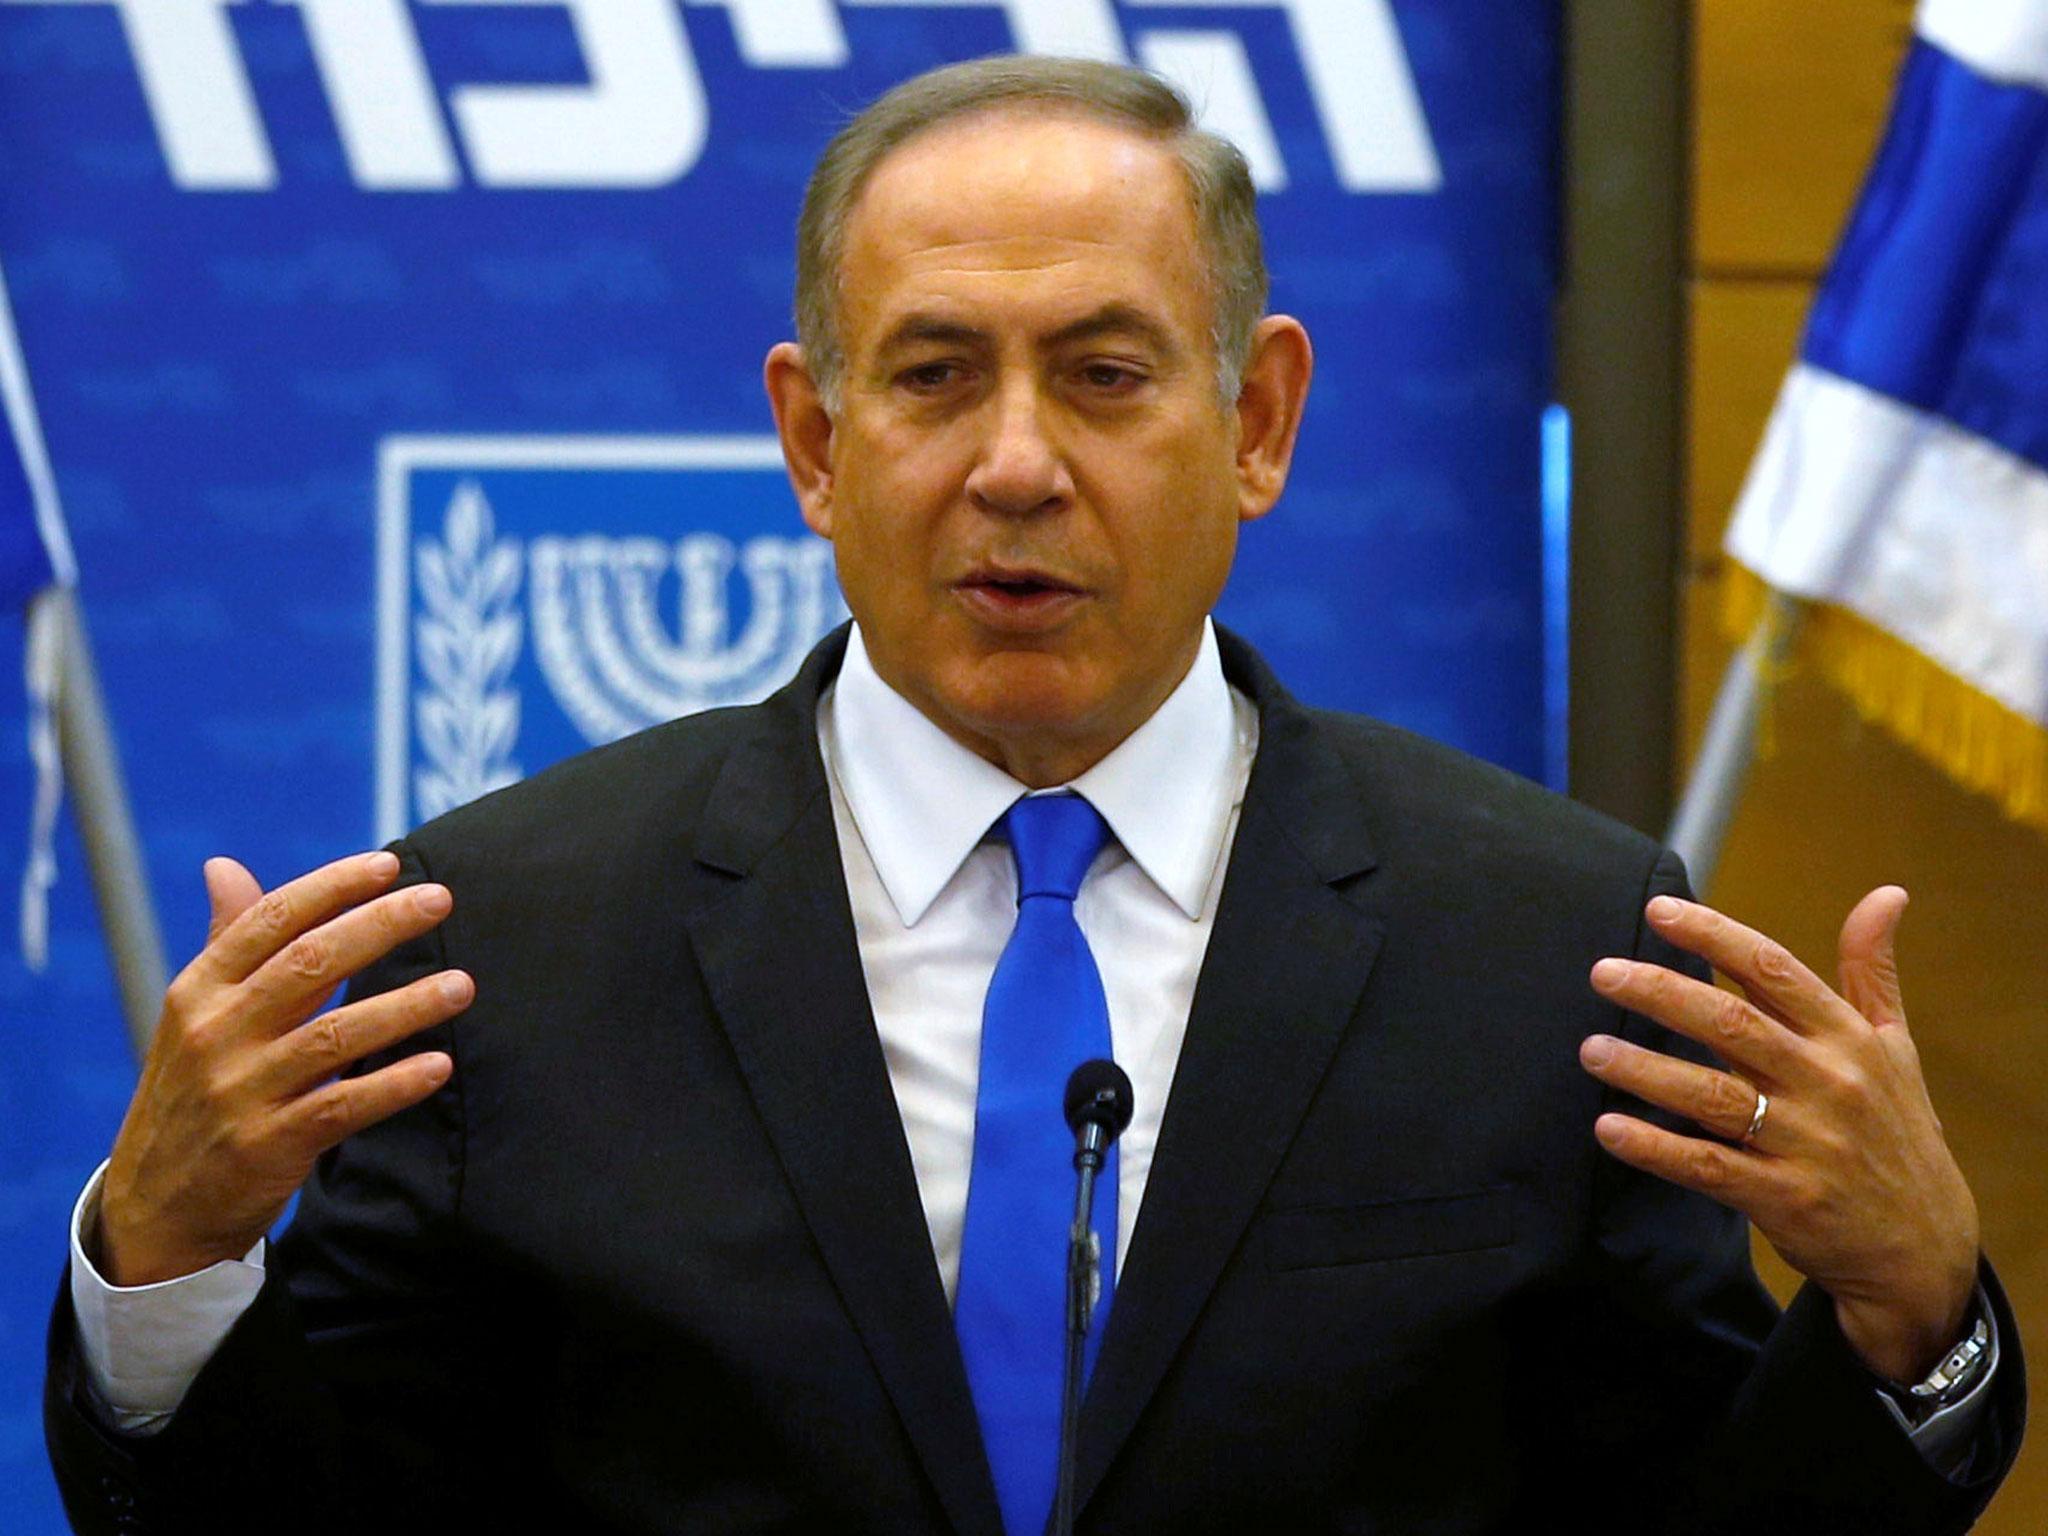 Premierul israelian Benjamin Netanyahu nu a reacționat încă la amenințările lui Erdogan